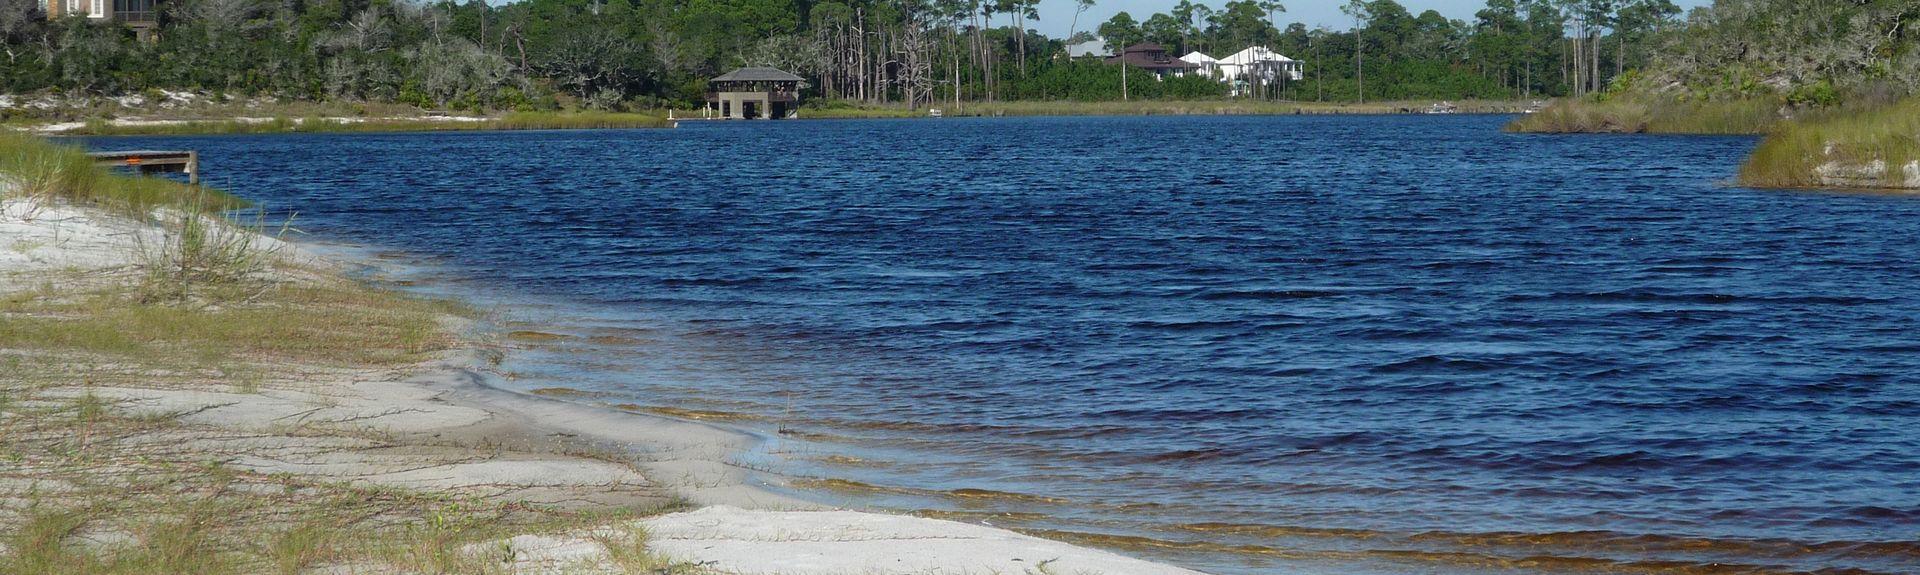 Old Florida Beach (Santa Rosa Beach, Florida, Estados Unidos)